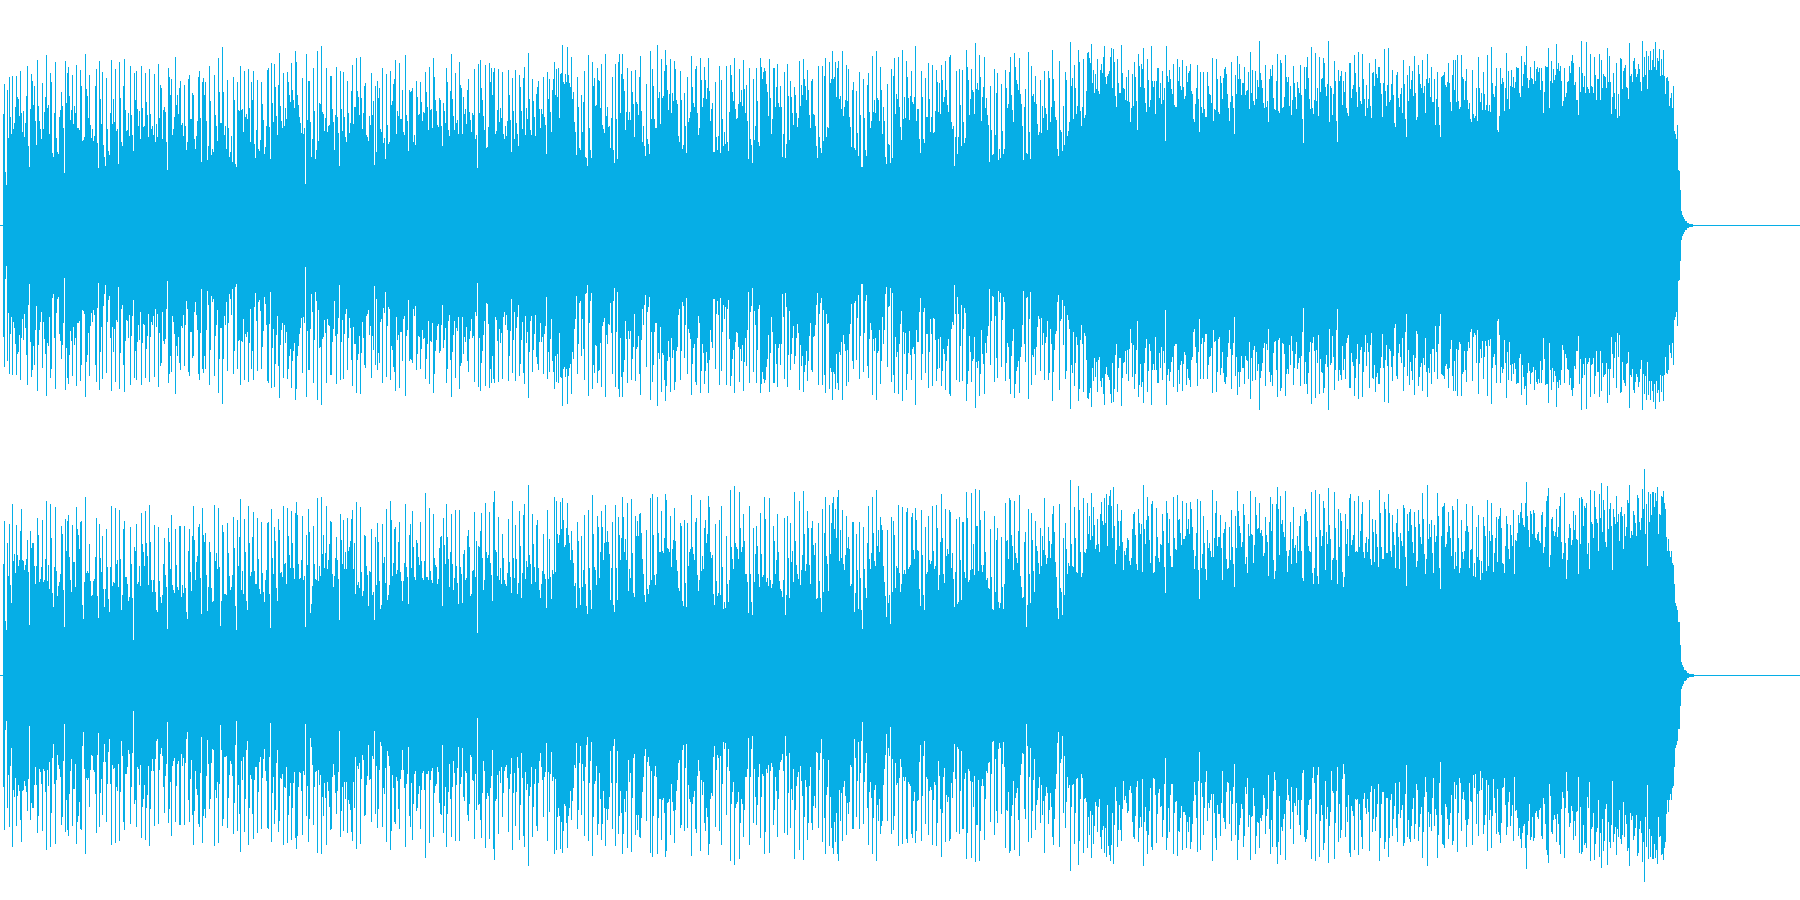 ファンキーで軽快なポップ/ロックの再生済みの波形